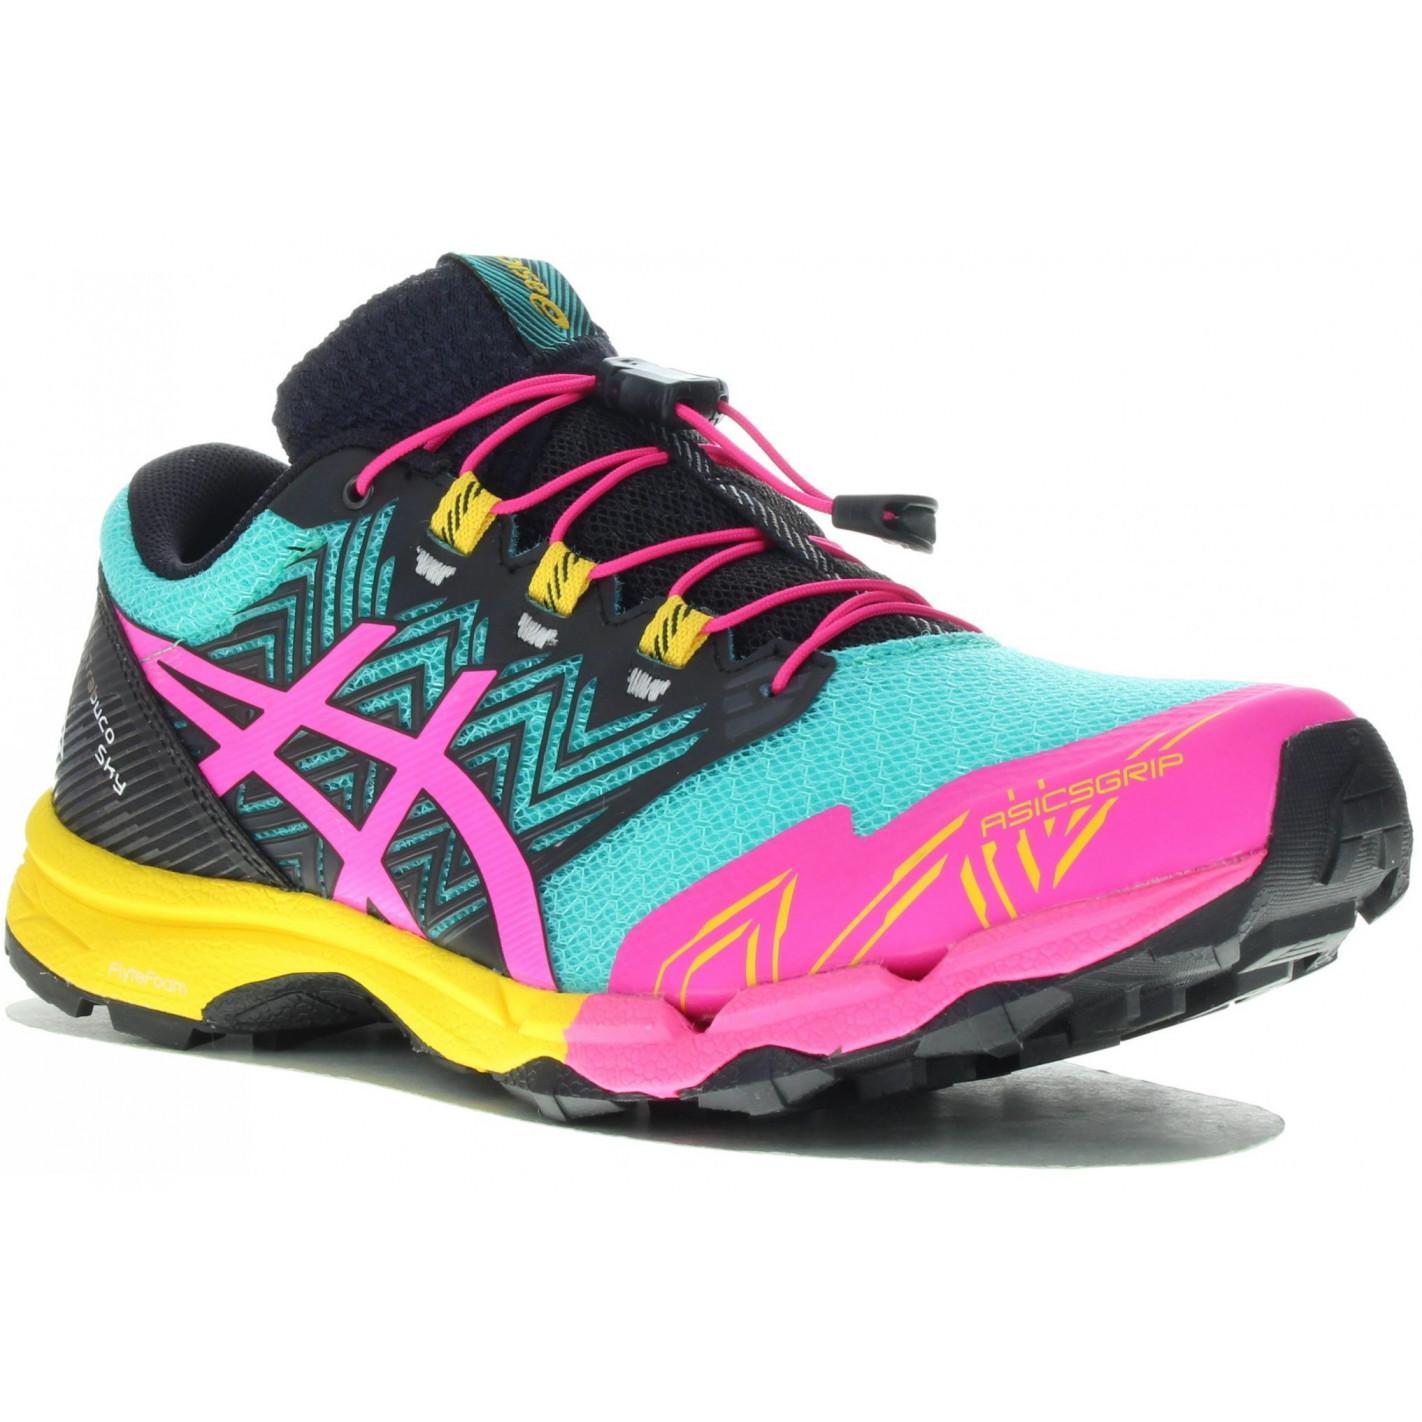 Chaussures Running ASICS Femme GEL-FUJITRABUCO Sky Noir / Rose AH ...